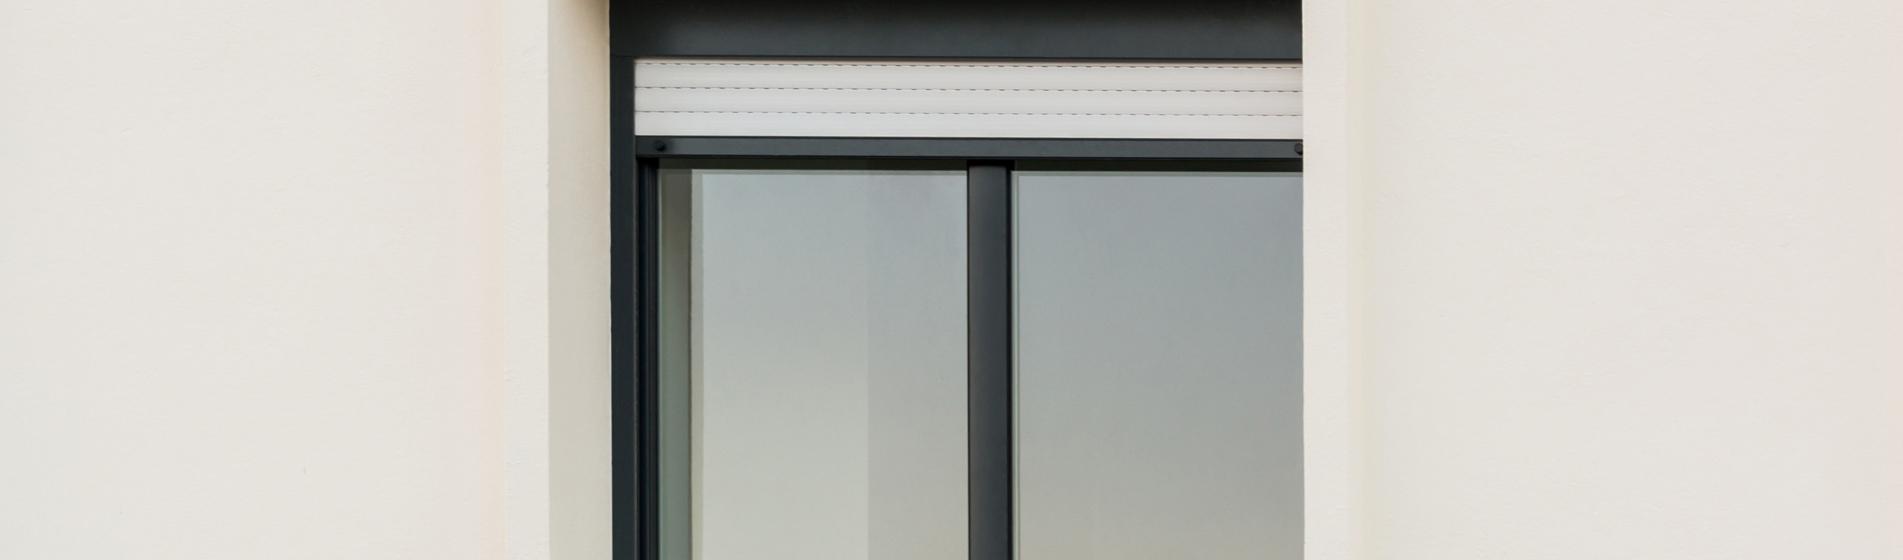 rénovation fenêtre en aluminium 84 Vaucluse